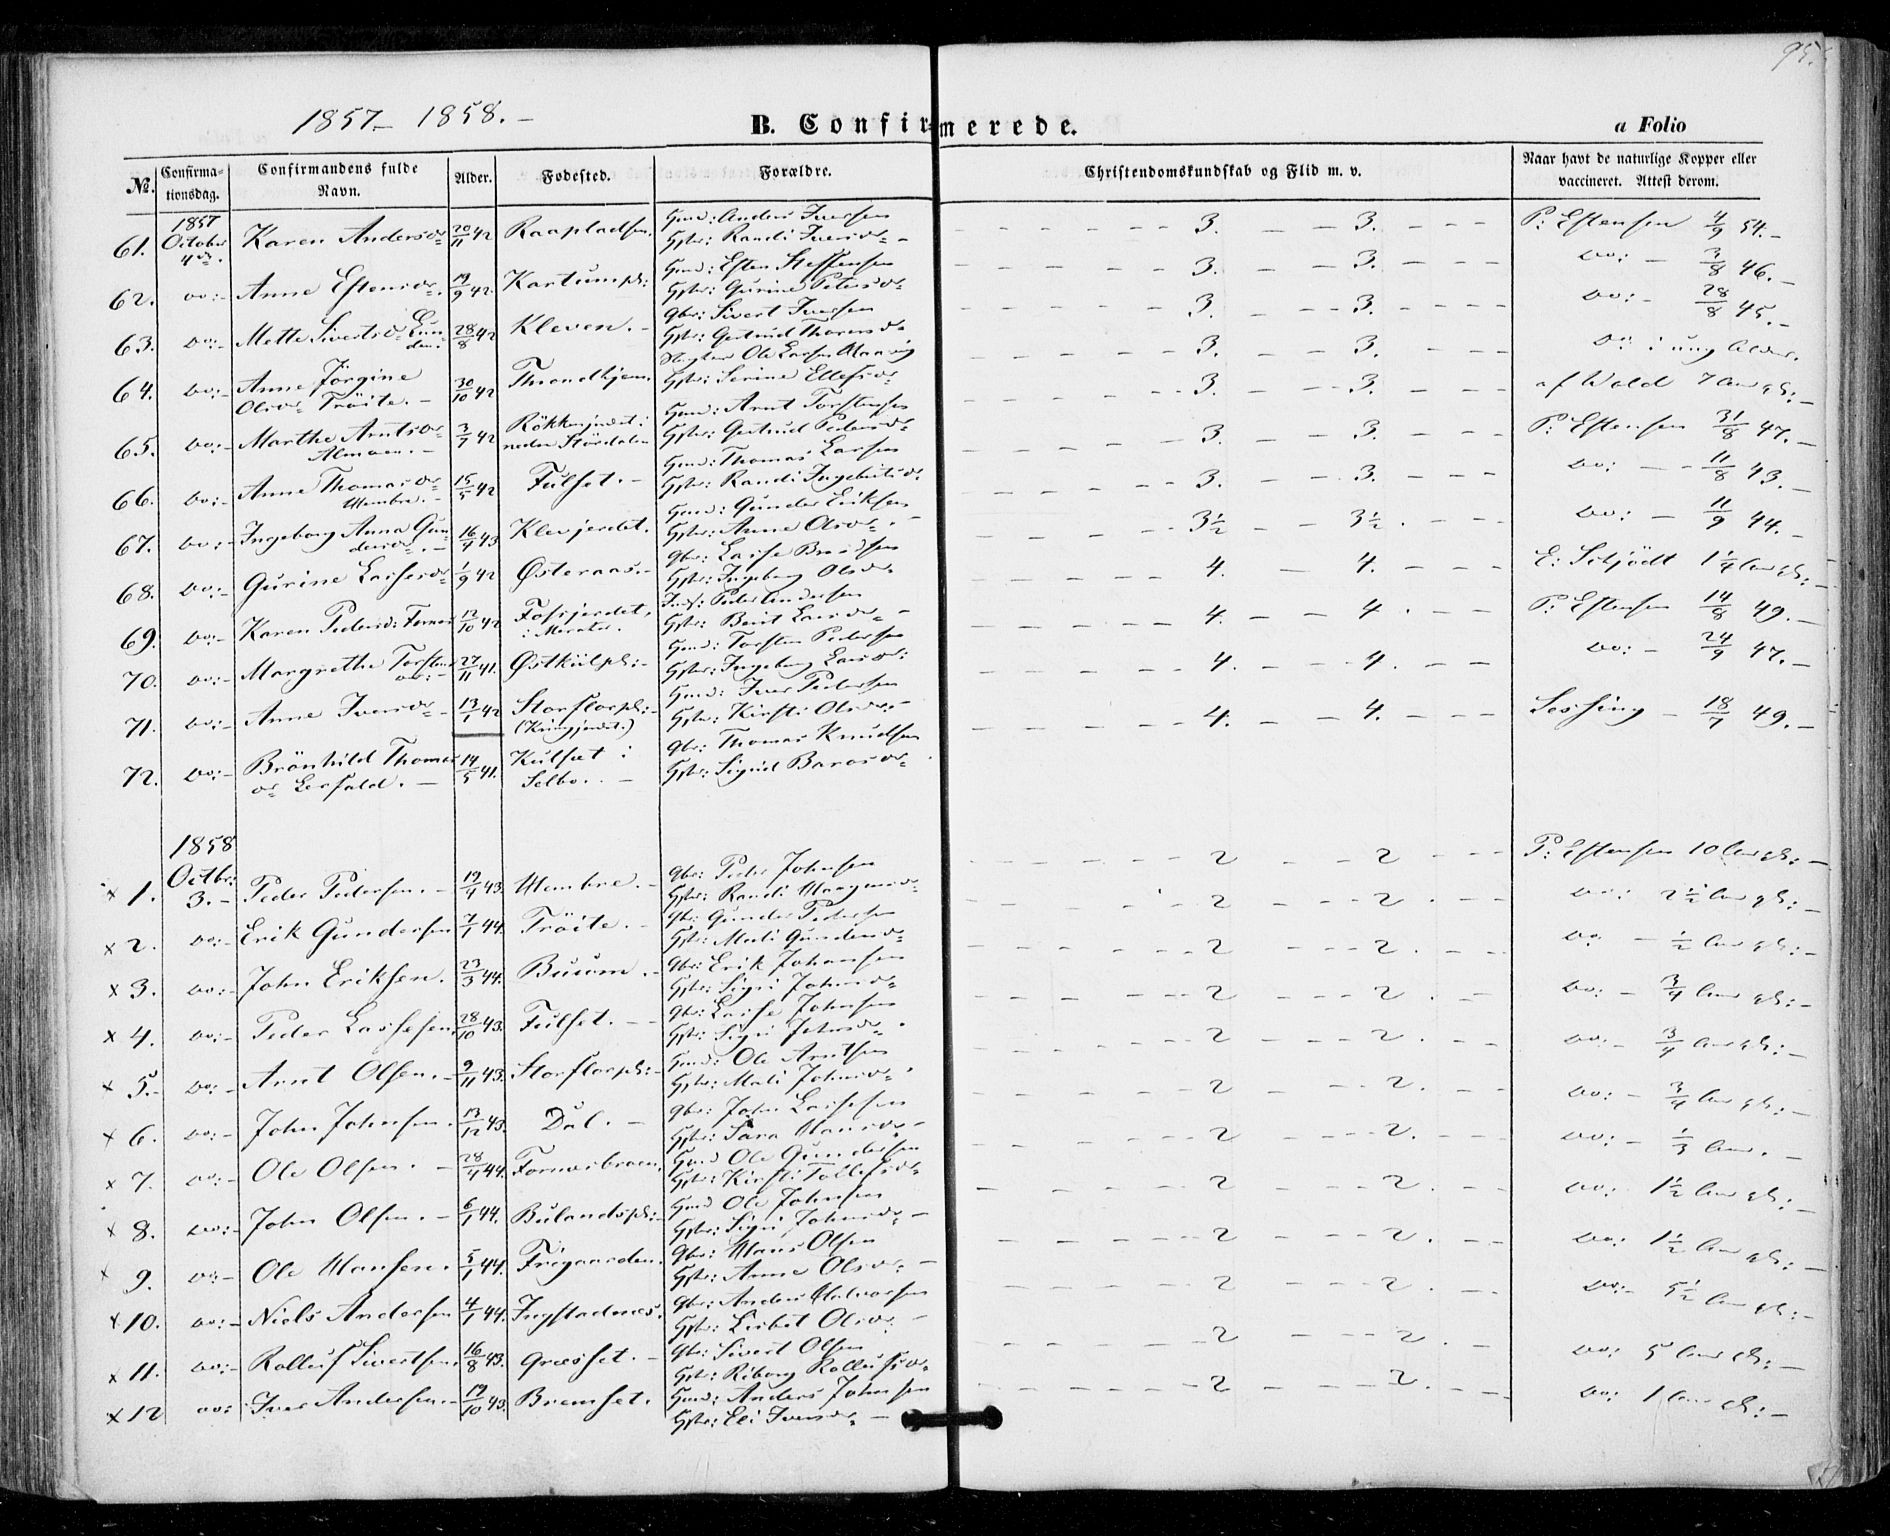 SAT, Ministerialprotokoller, klokkerbøker og fødselsregistre - Nord-Trøndelag, 703/L0028: Ministerialbok nr. 703A01, 1850-1862, s. 95